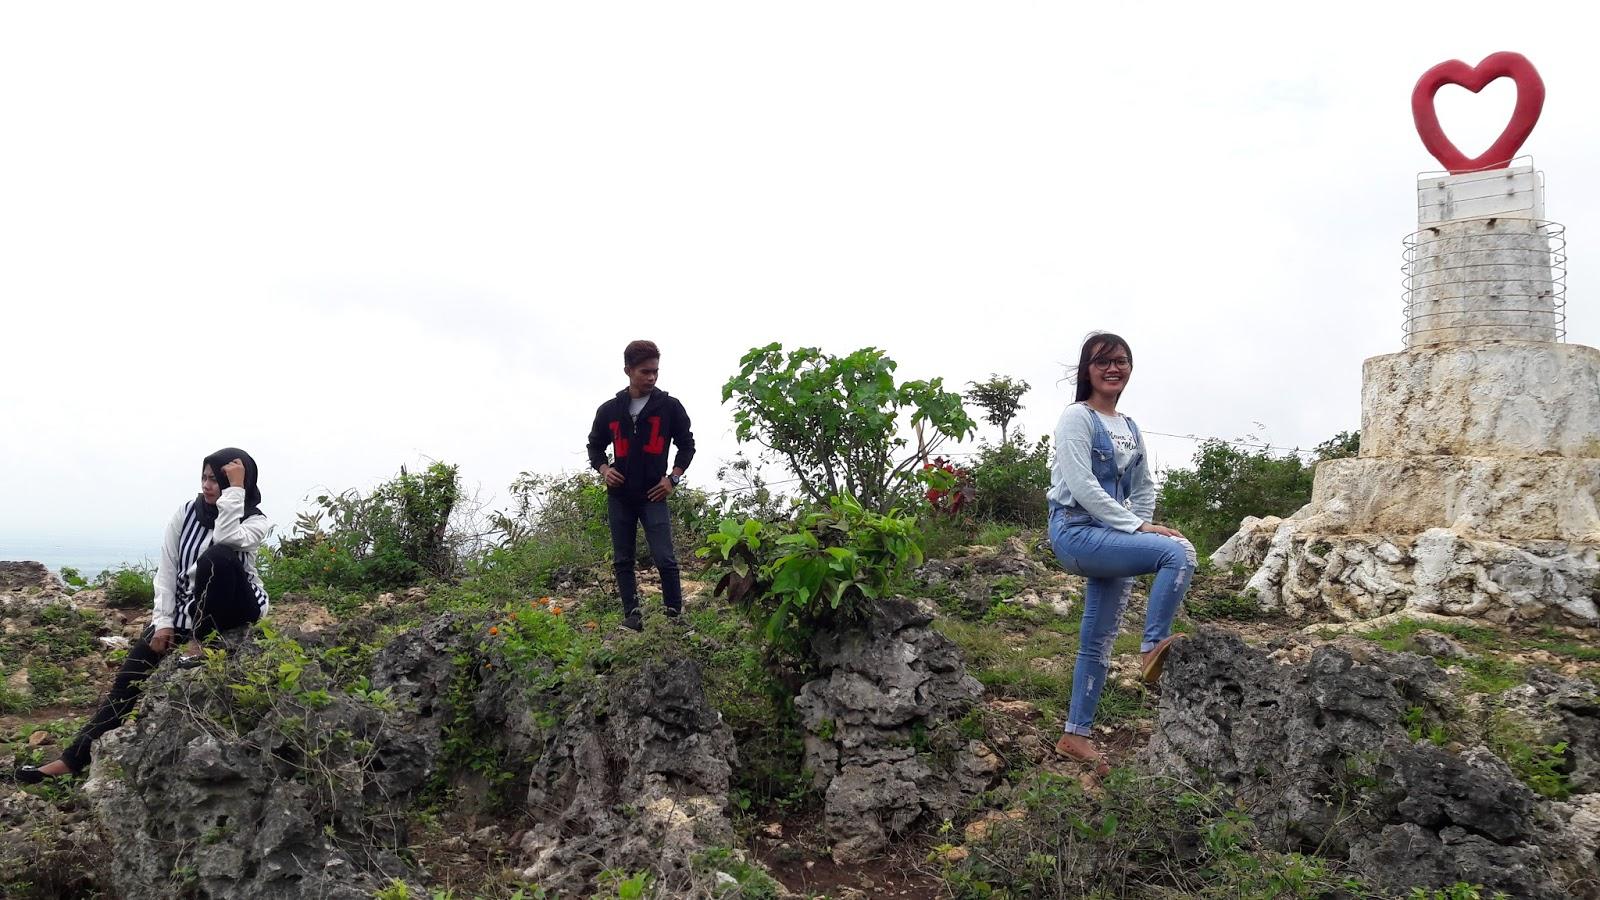 Kades Jatipohon Manfaatkan Potensi Wisata Kembangkan Daerah Menarik Wisatawan Pihaknya